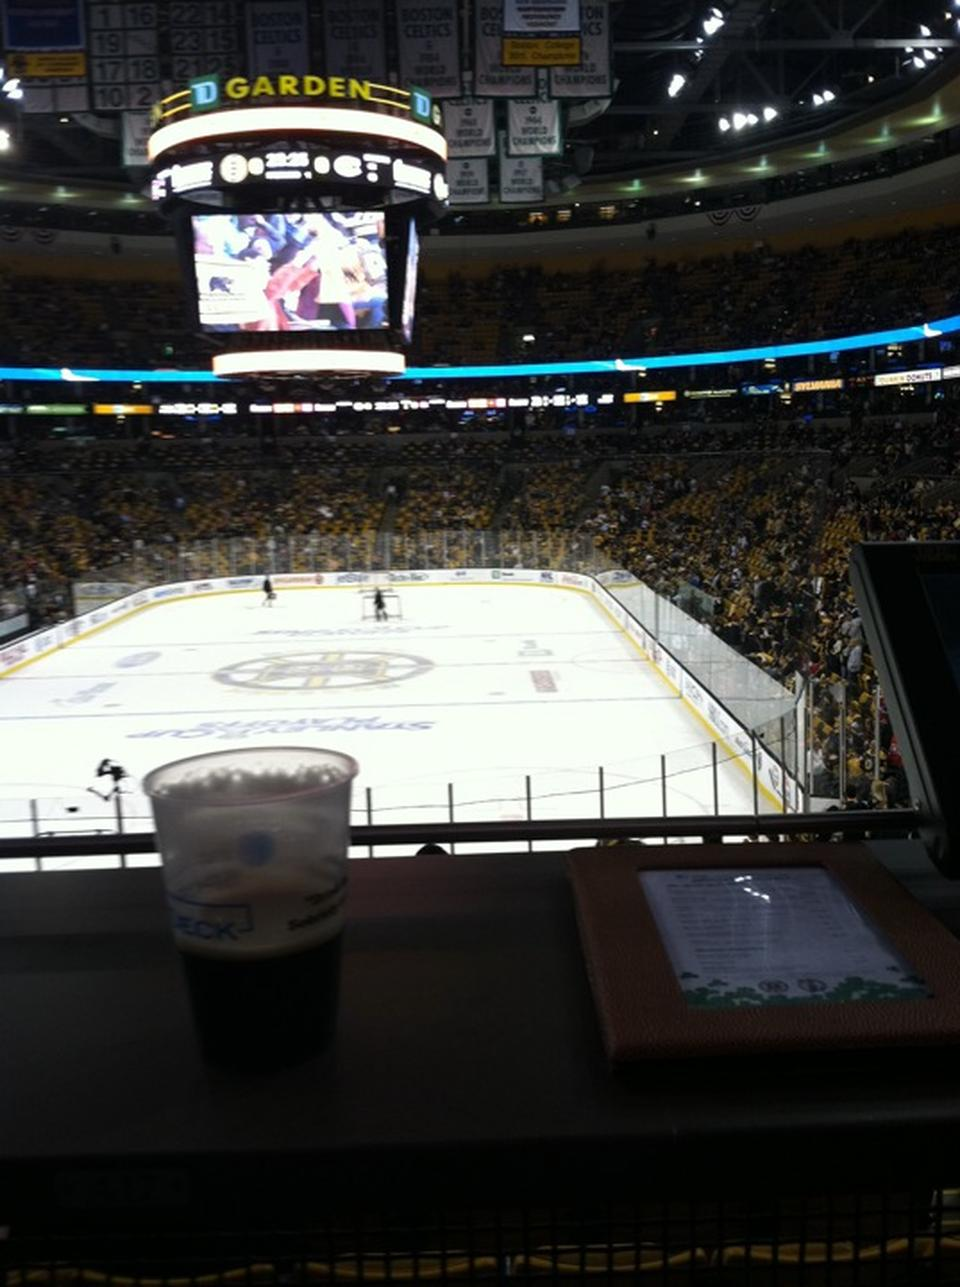 Td Garden Sports Deck Boston Bruins Rateyourseats Com